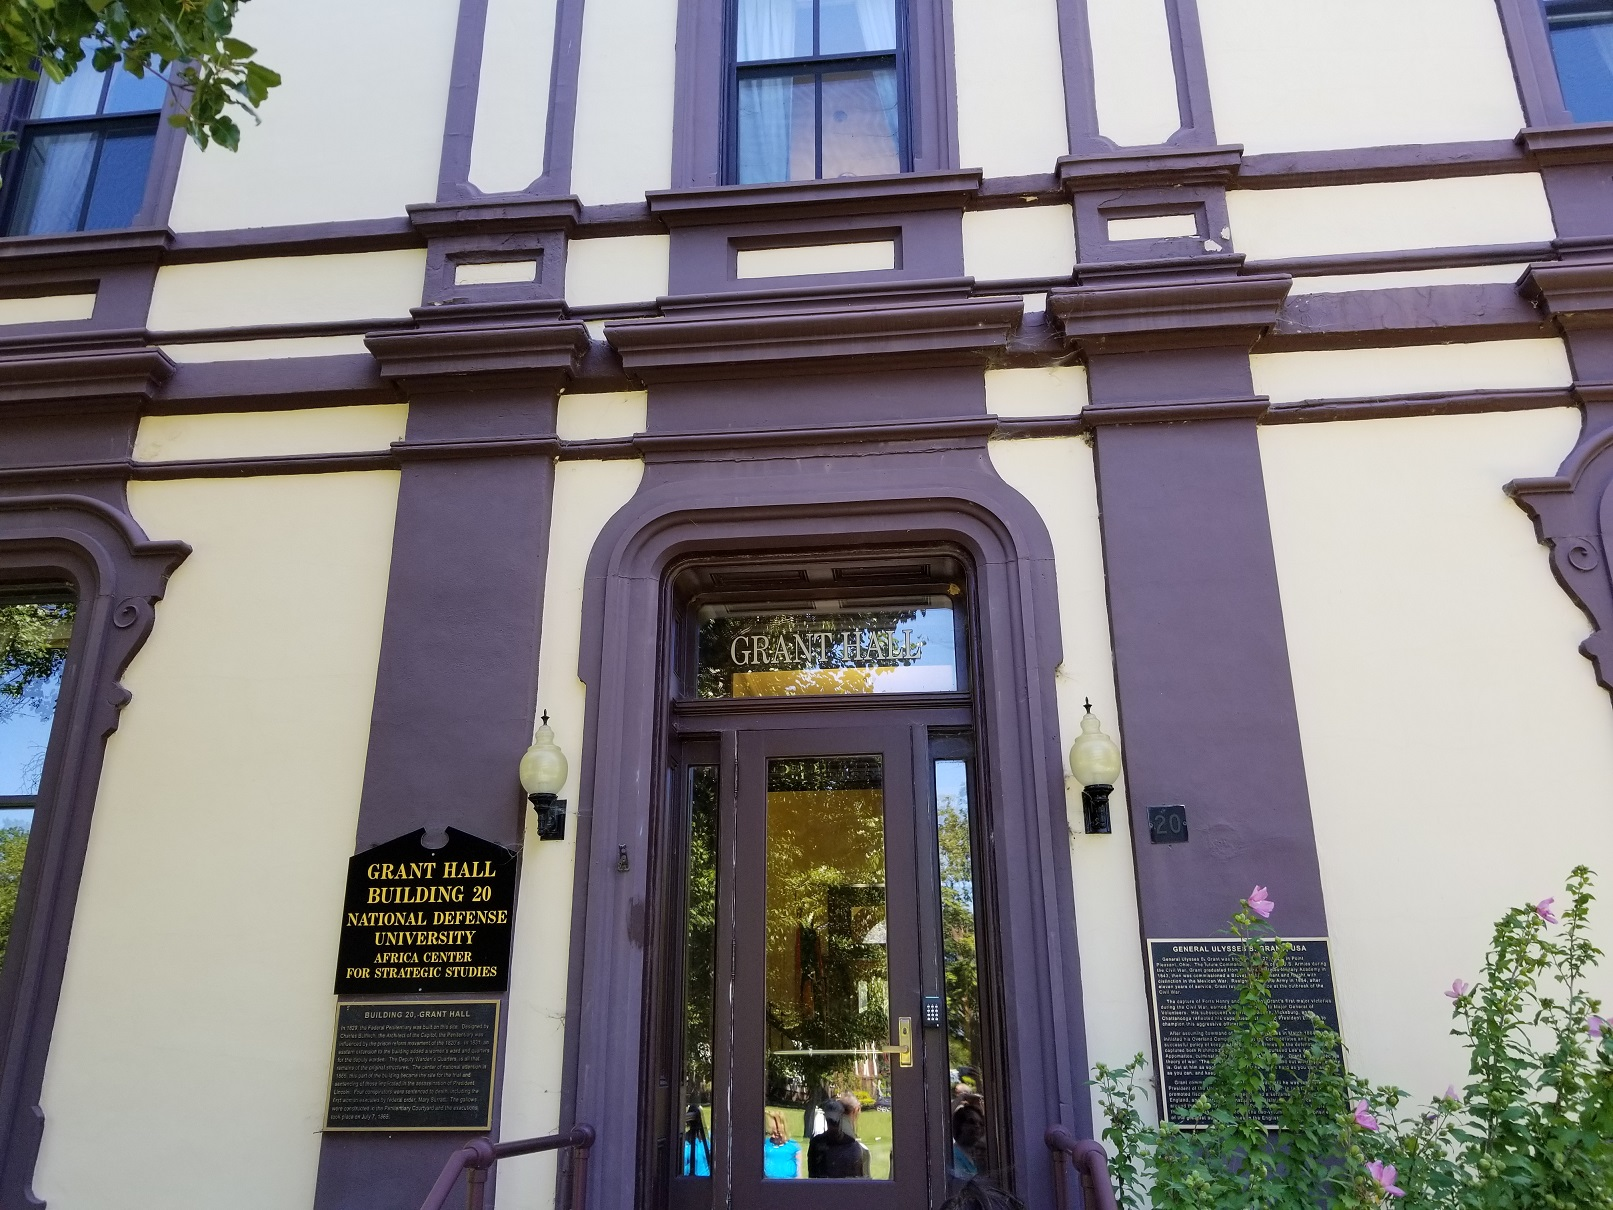 Grant-Hall